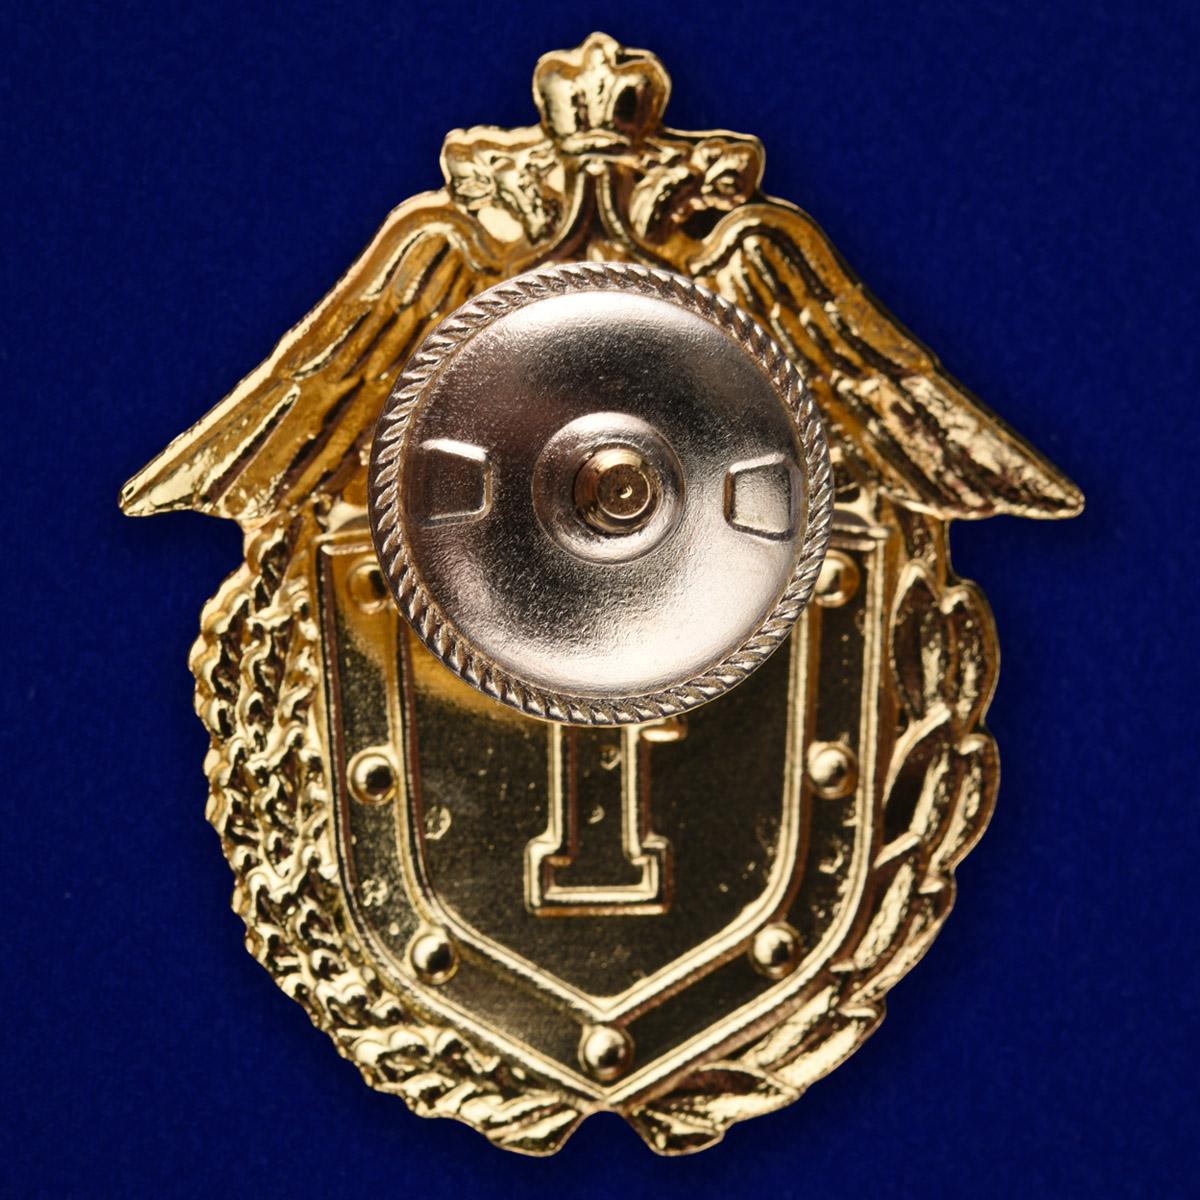 Знак ФПС РФ «Классный специалист» 1 класс  -оборотная сторона